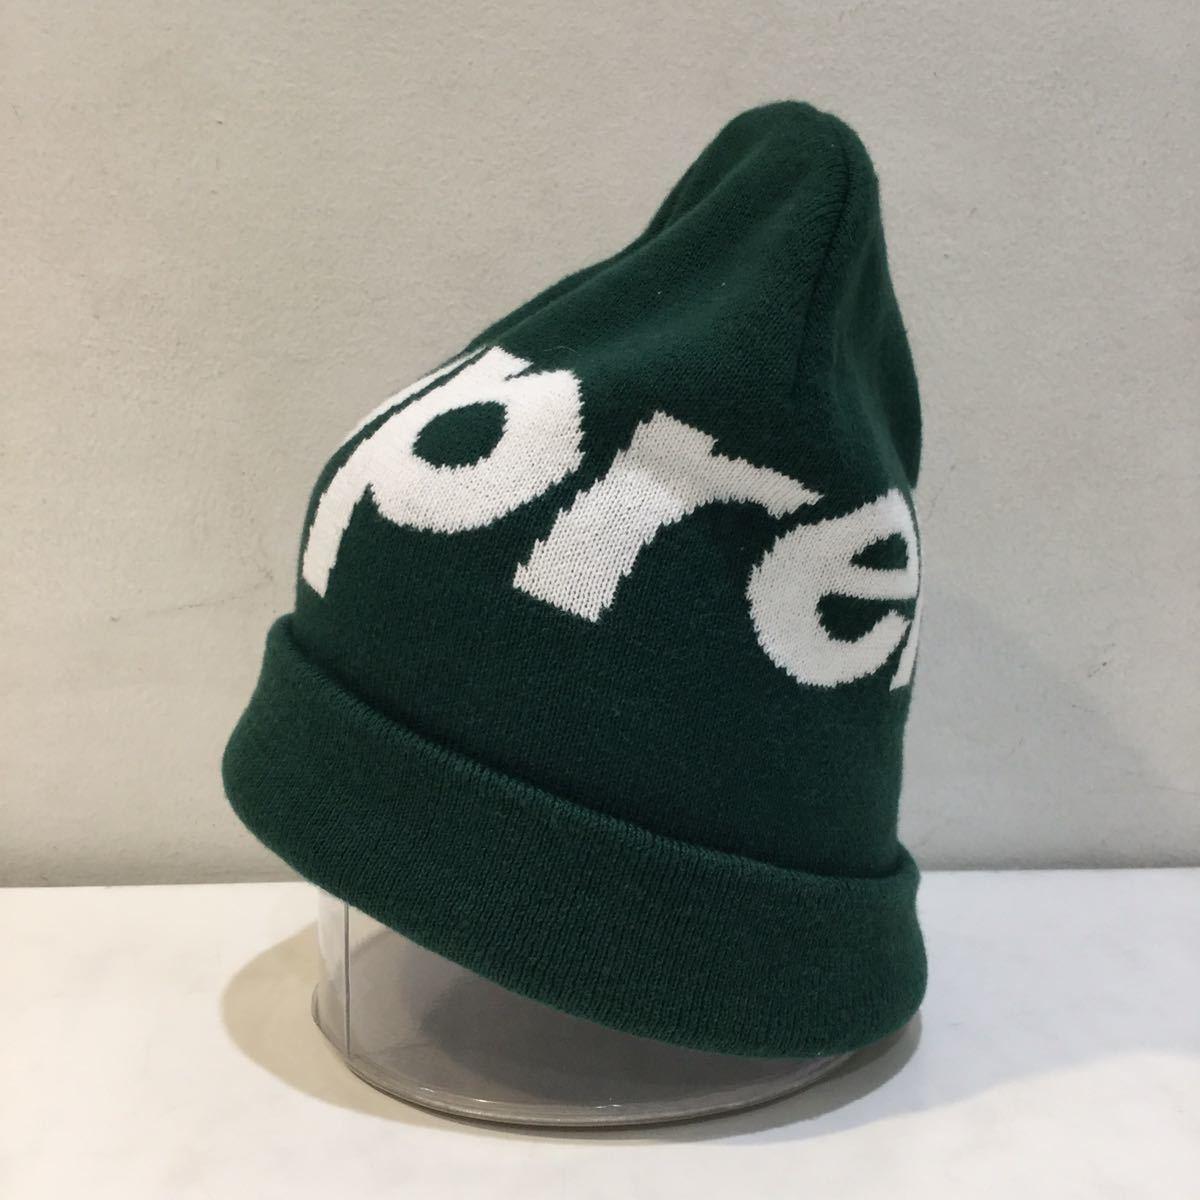 Supreme シュプリーム 2019A/W Big Logo Beanie ビッグロゴ ビーニー ニット帽 カシミヤ混 グリーン_画像2